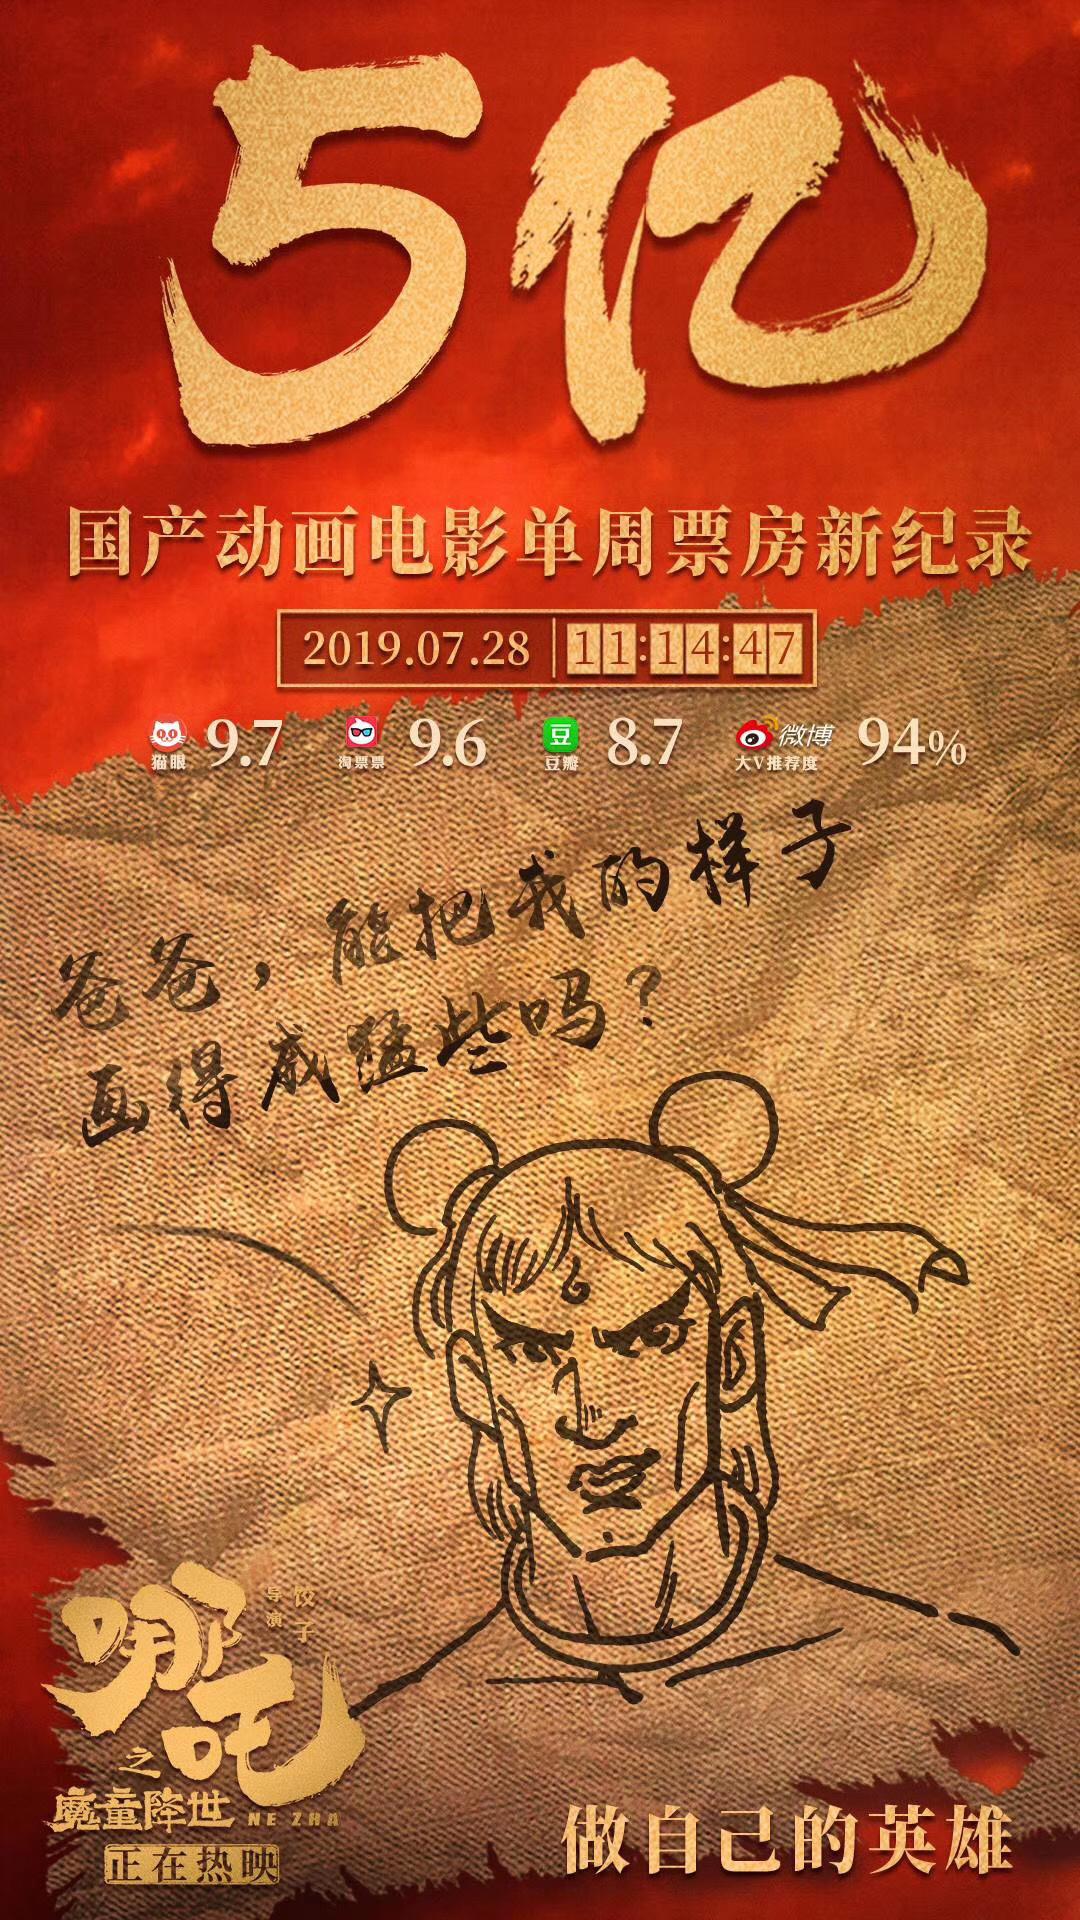 厲害了!《哪吒》刷新中國影史動畫首周票房紀錄